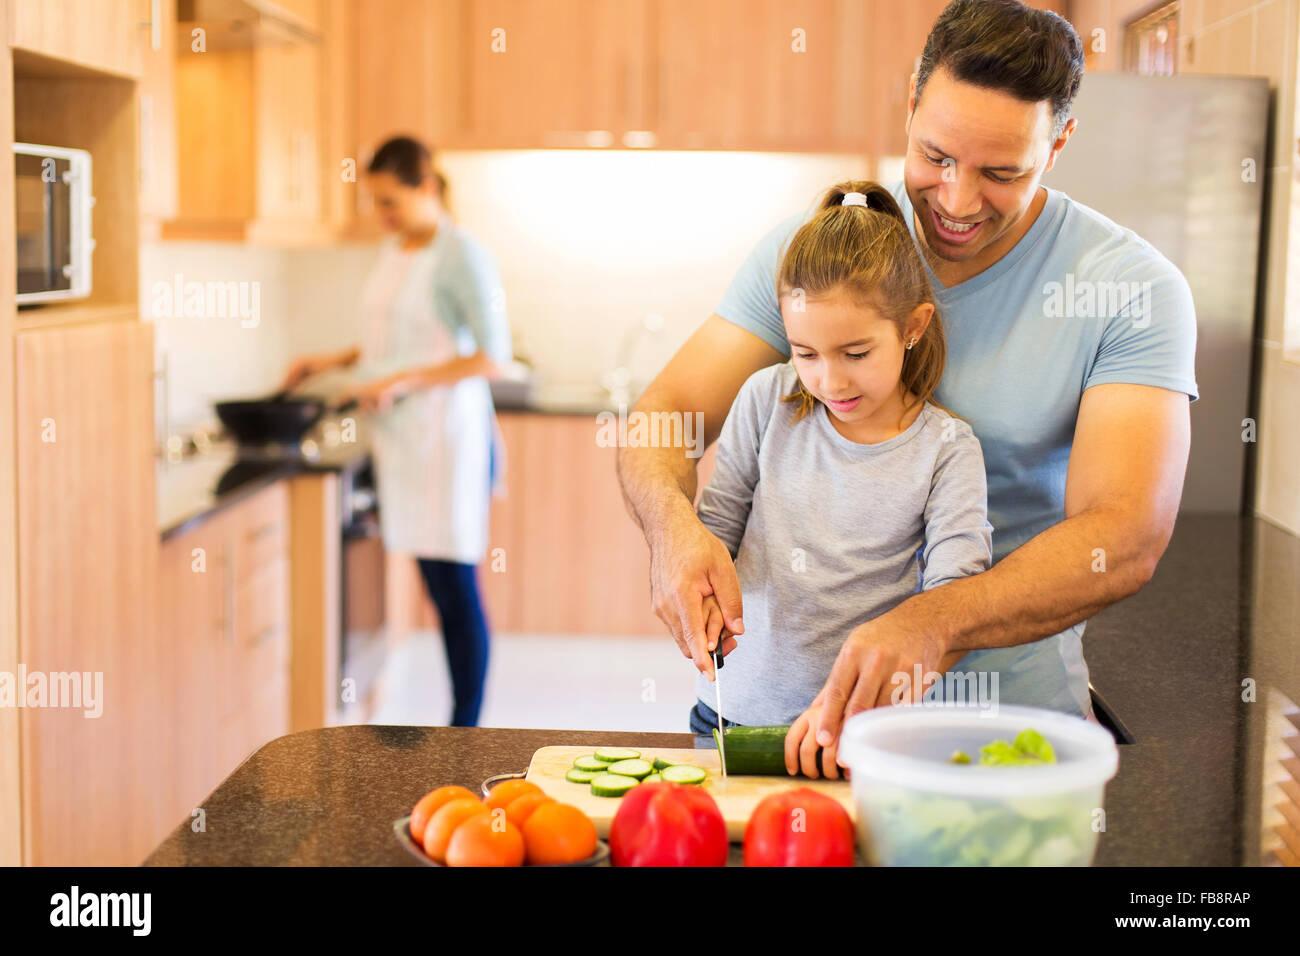 kleine Tochter Schneiden von Gemüse beim Kochen auf Hintergrund Mutter Vater Stockbild